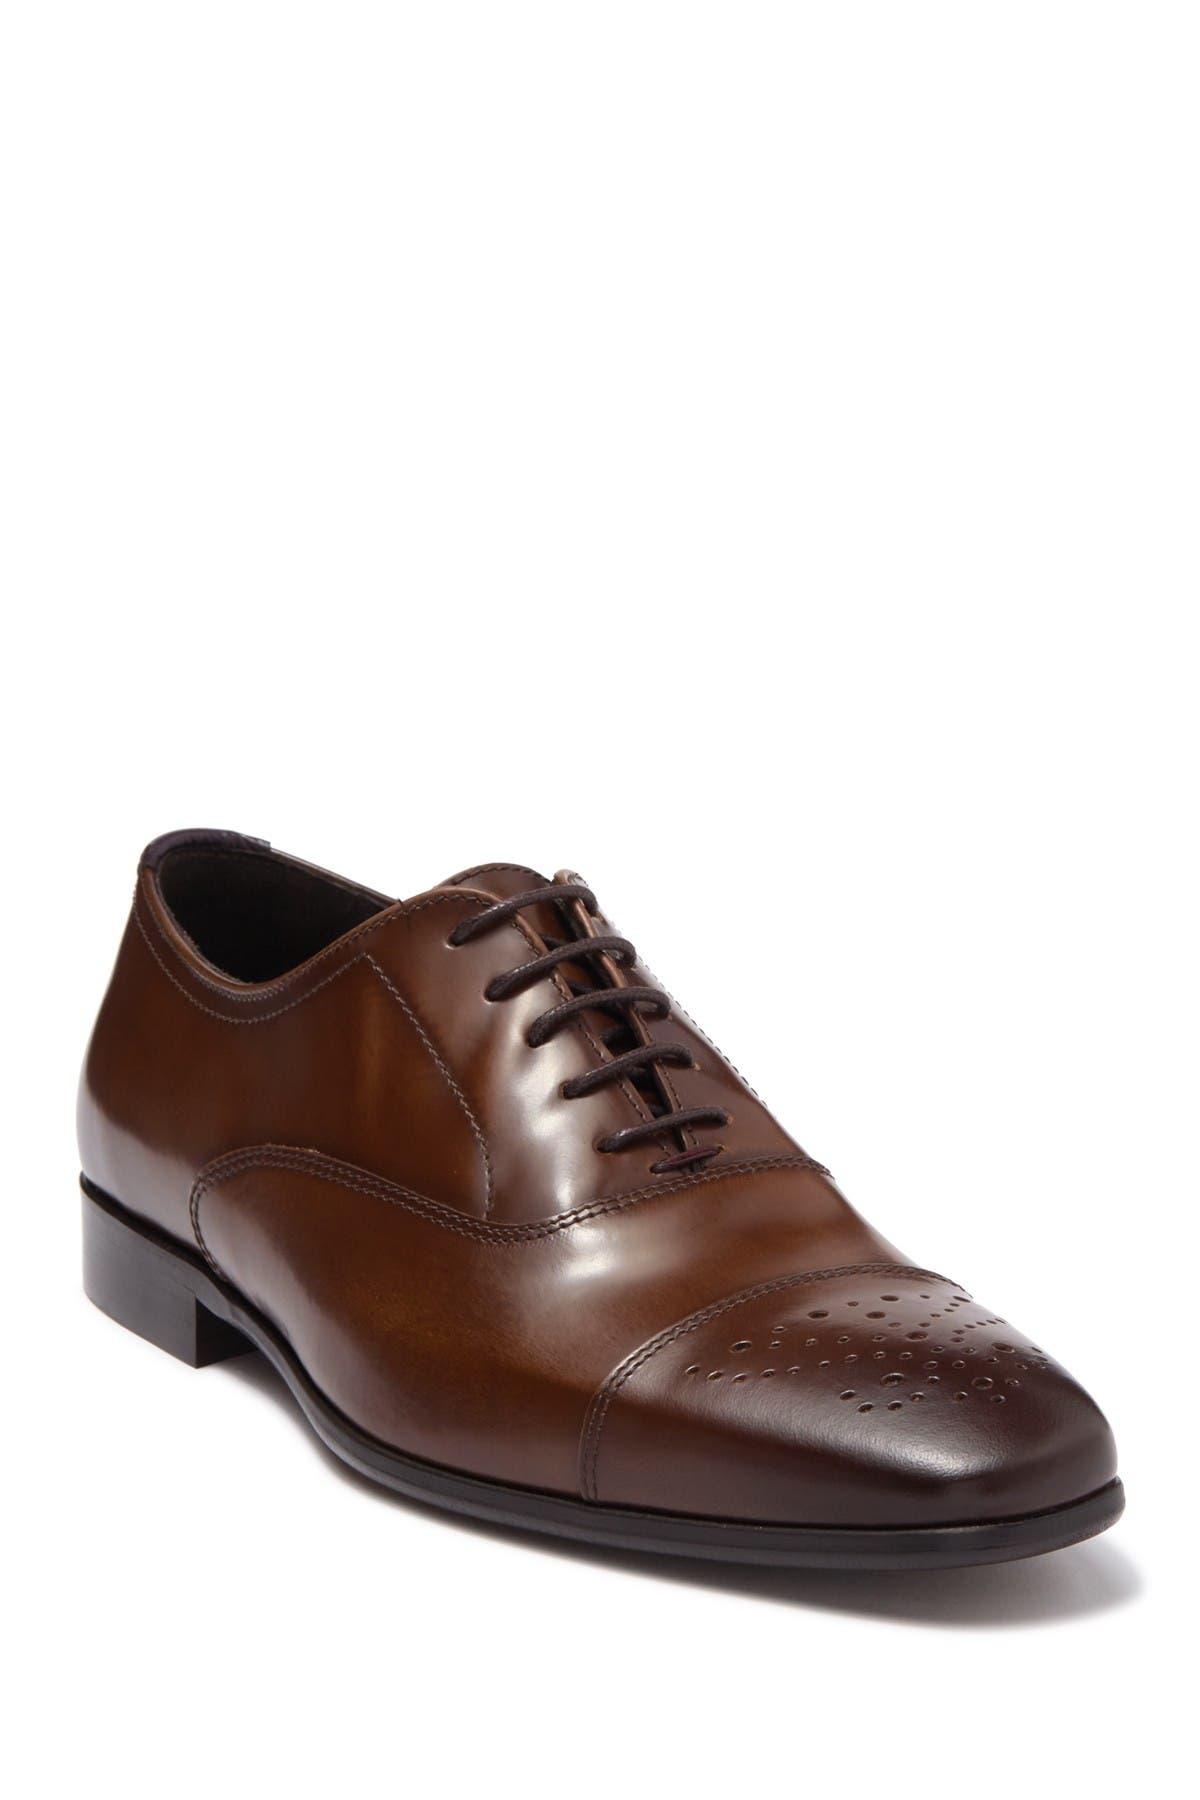 Image of Bruno Magli Cole Cap Toe Leather Oxford